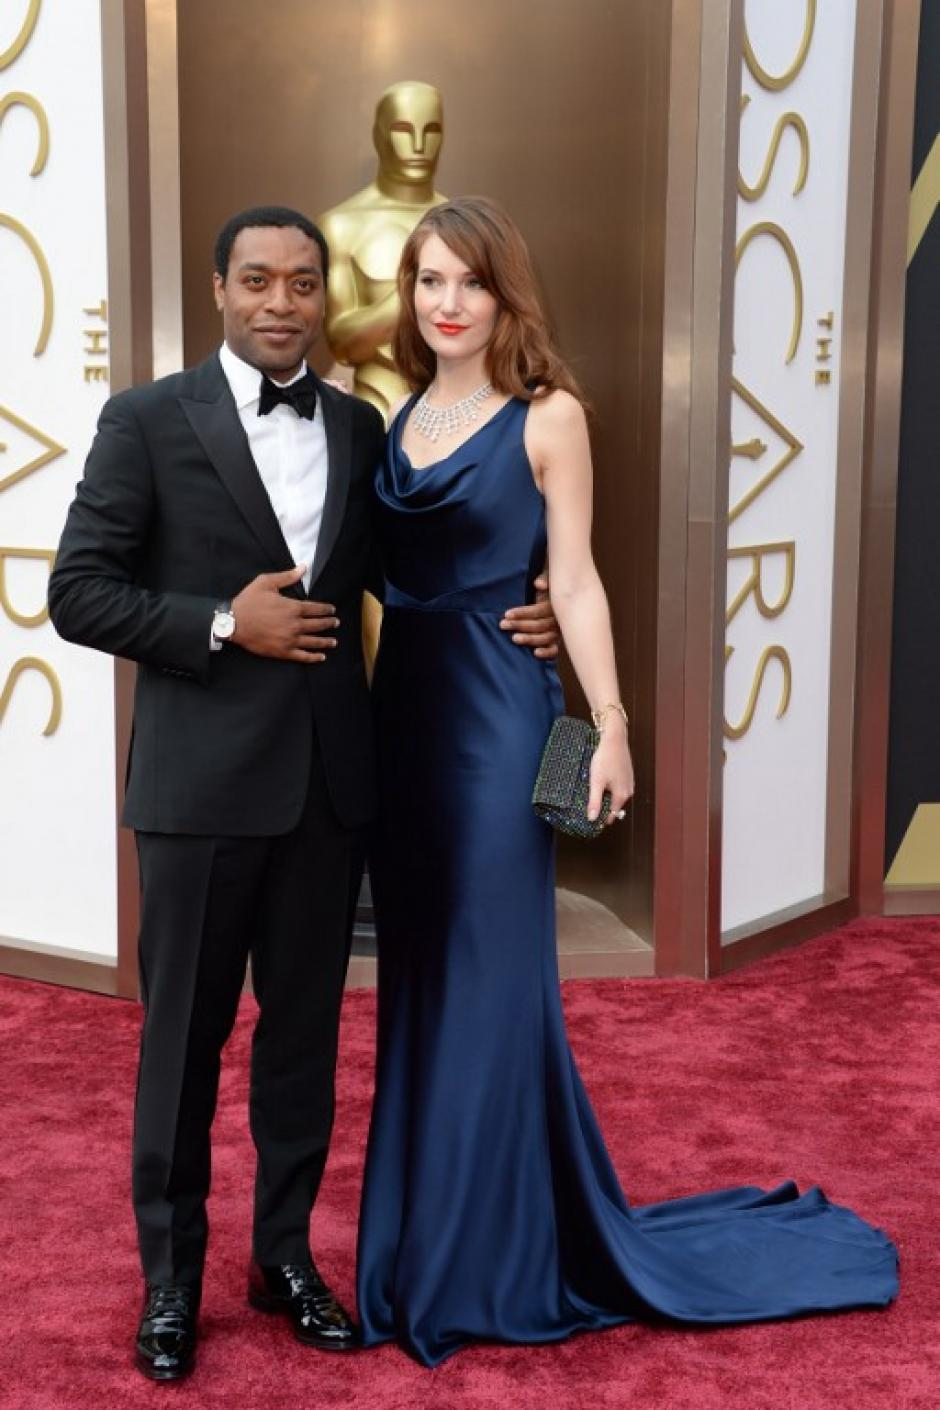 """El nominado a mejor actor, Chiwetel Ejiofor, por la película """"12 años de esclavitud"""". (Foto: AFP)"""